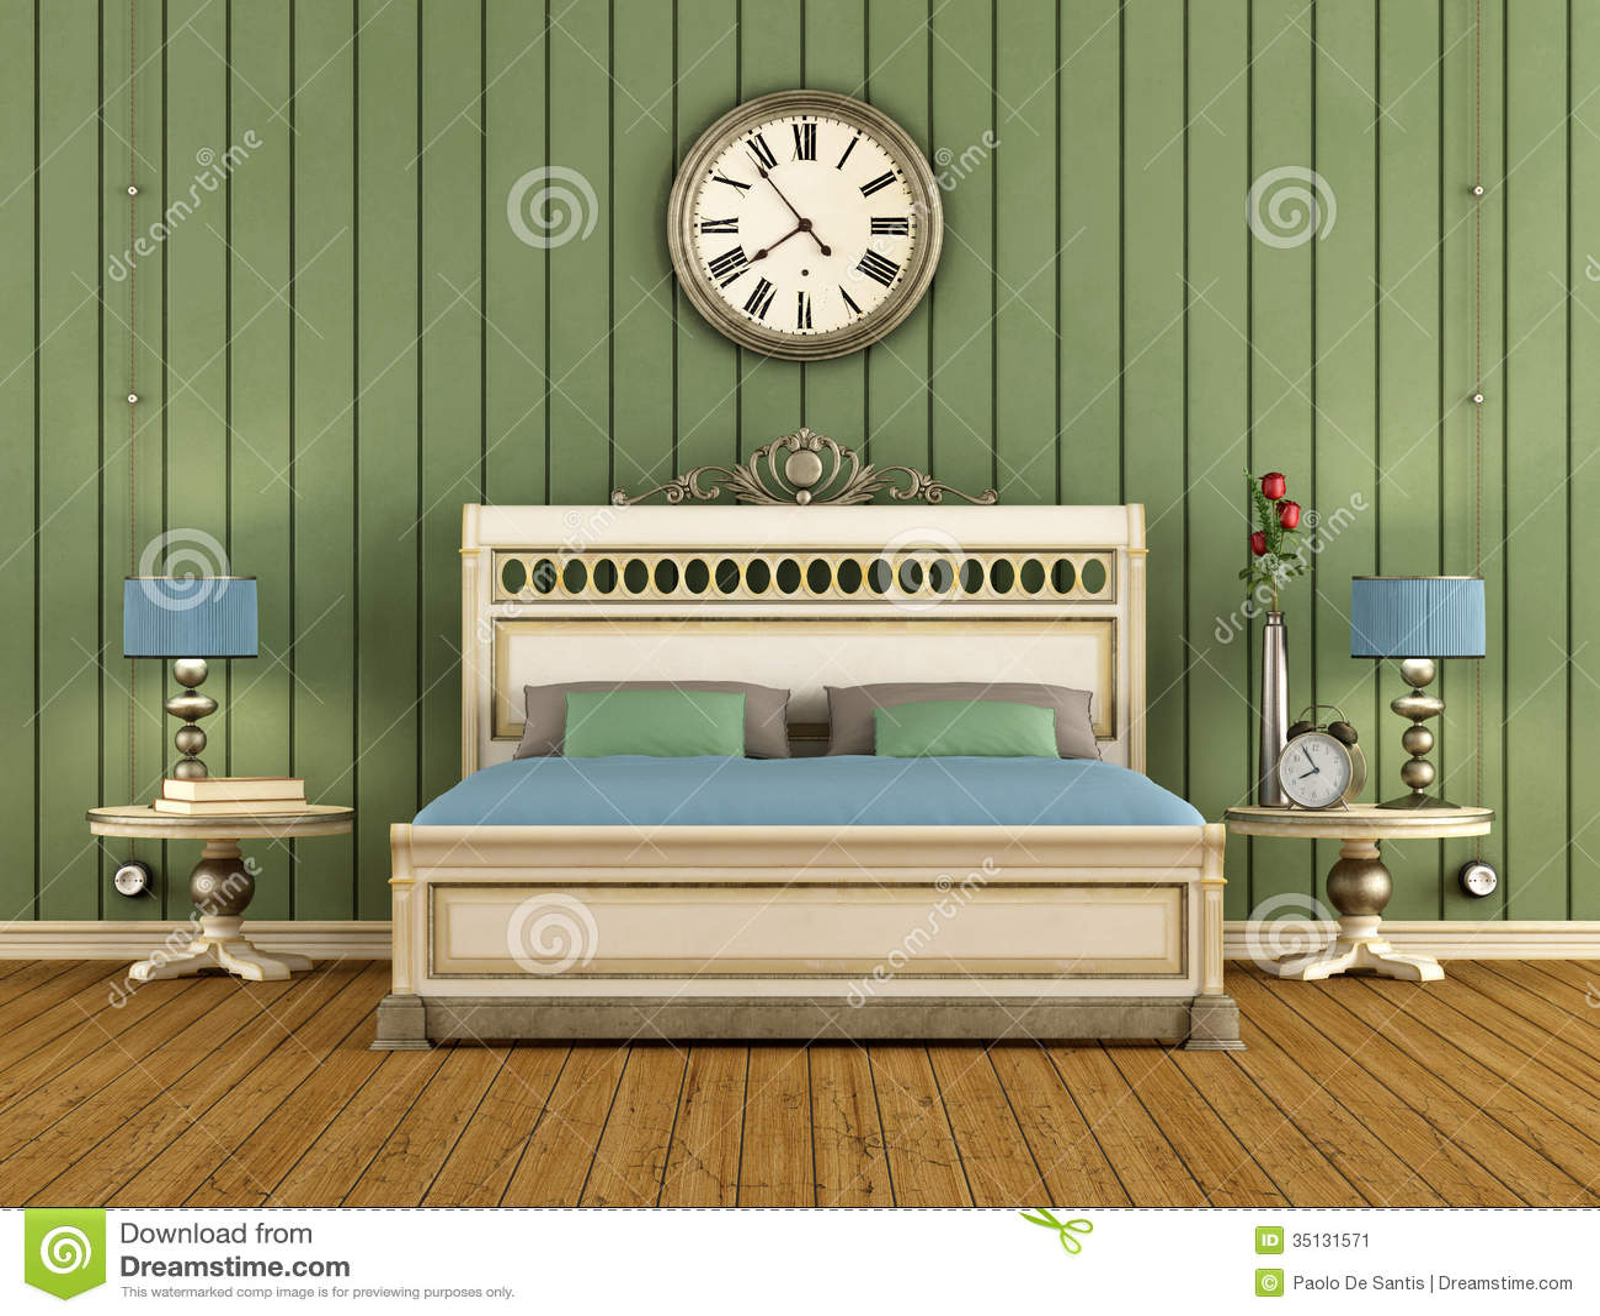 Imgbd.com   oud groen slaapkamer ~ de laatste slaapkamer ontwerp ...